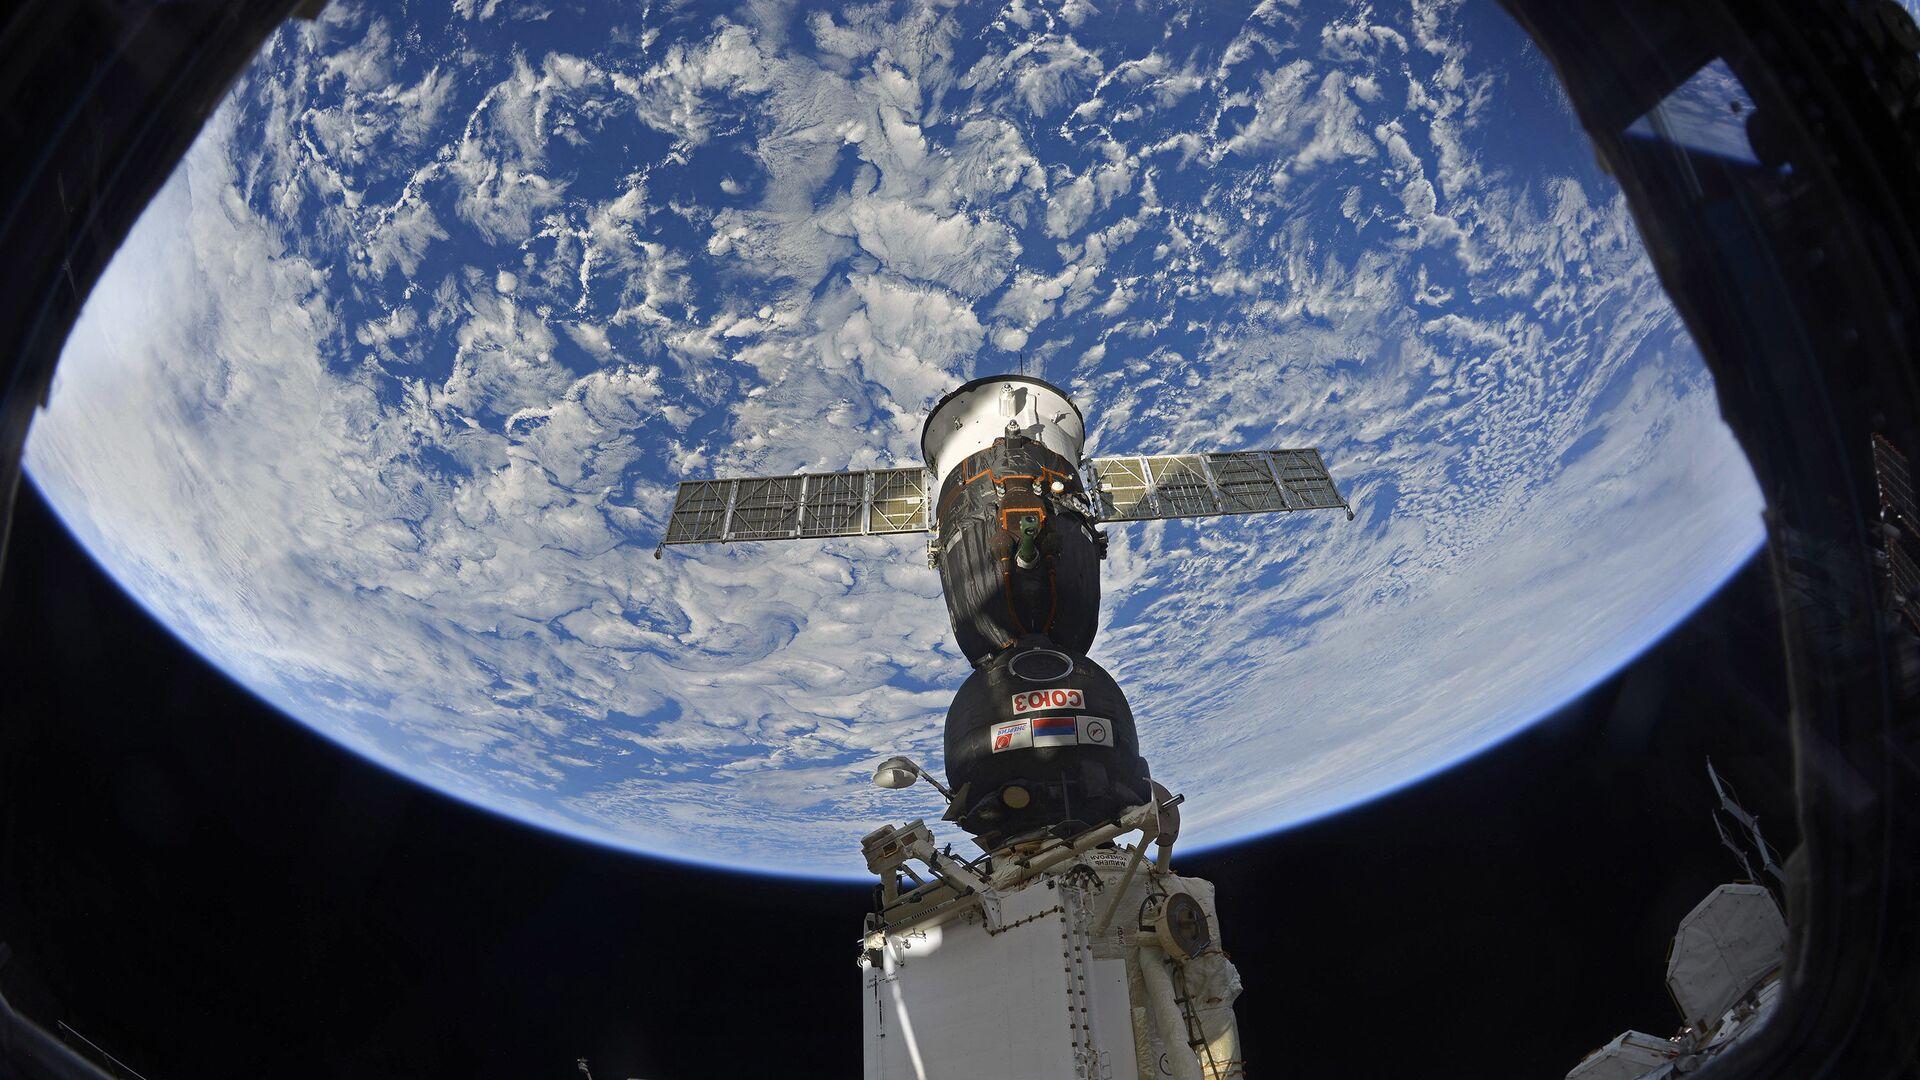 Pristajanje svemirskog broda sa posadom Sojuz MS 12 na Međunarodnu svemirsku stanicu - Sputnik Srbija, 1920, 22.02.2021